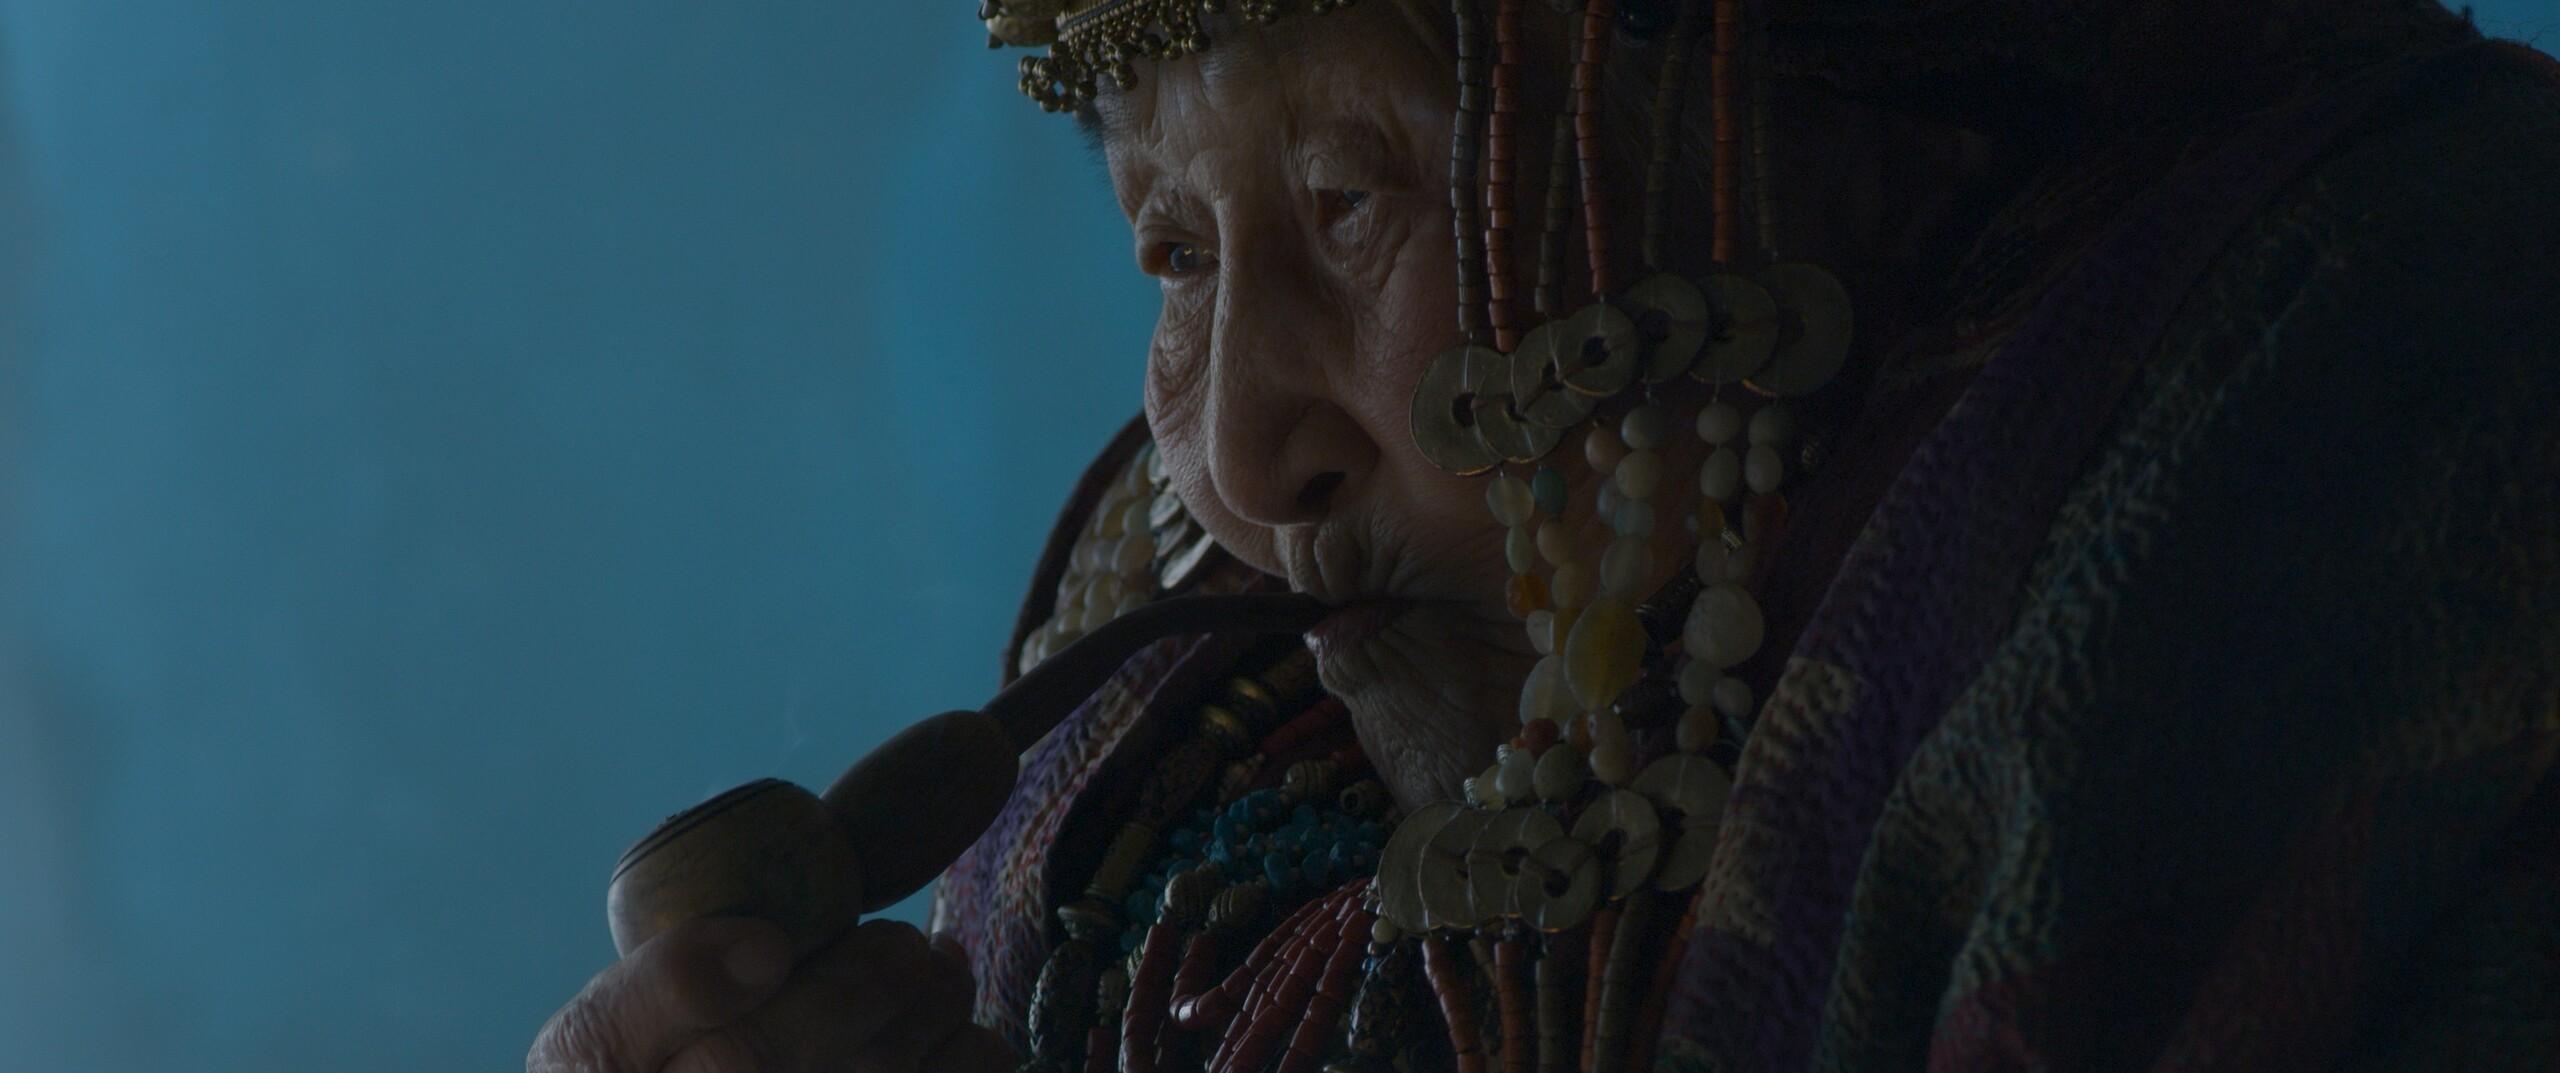 Байкал. Удивительные приключения Юмы, кадр № 4